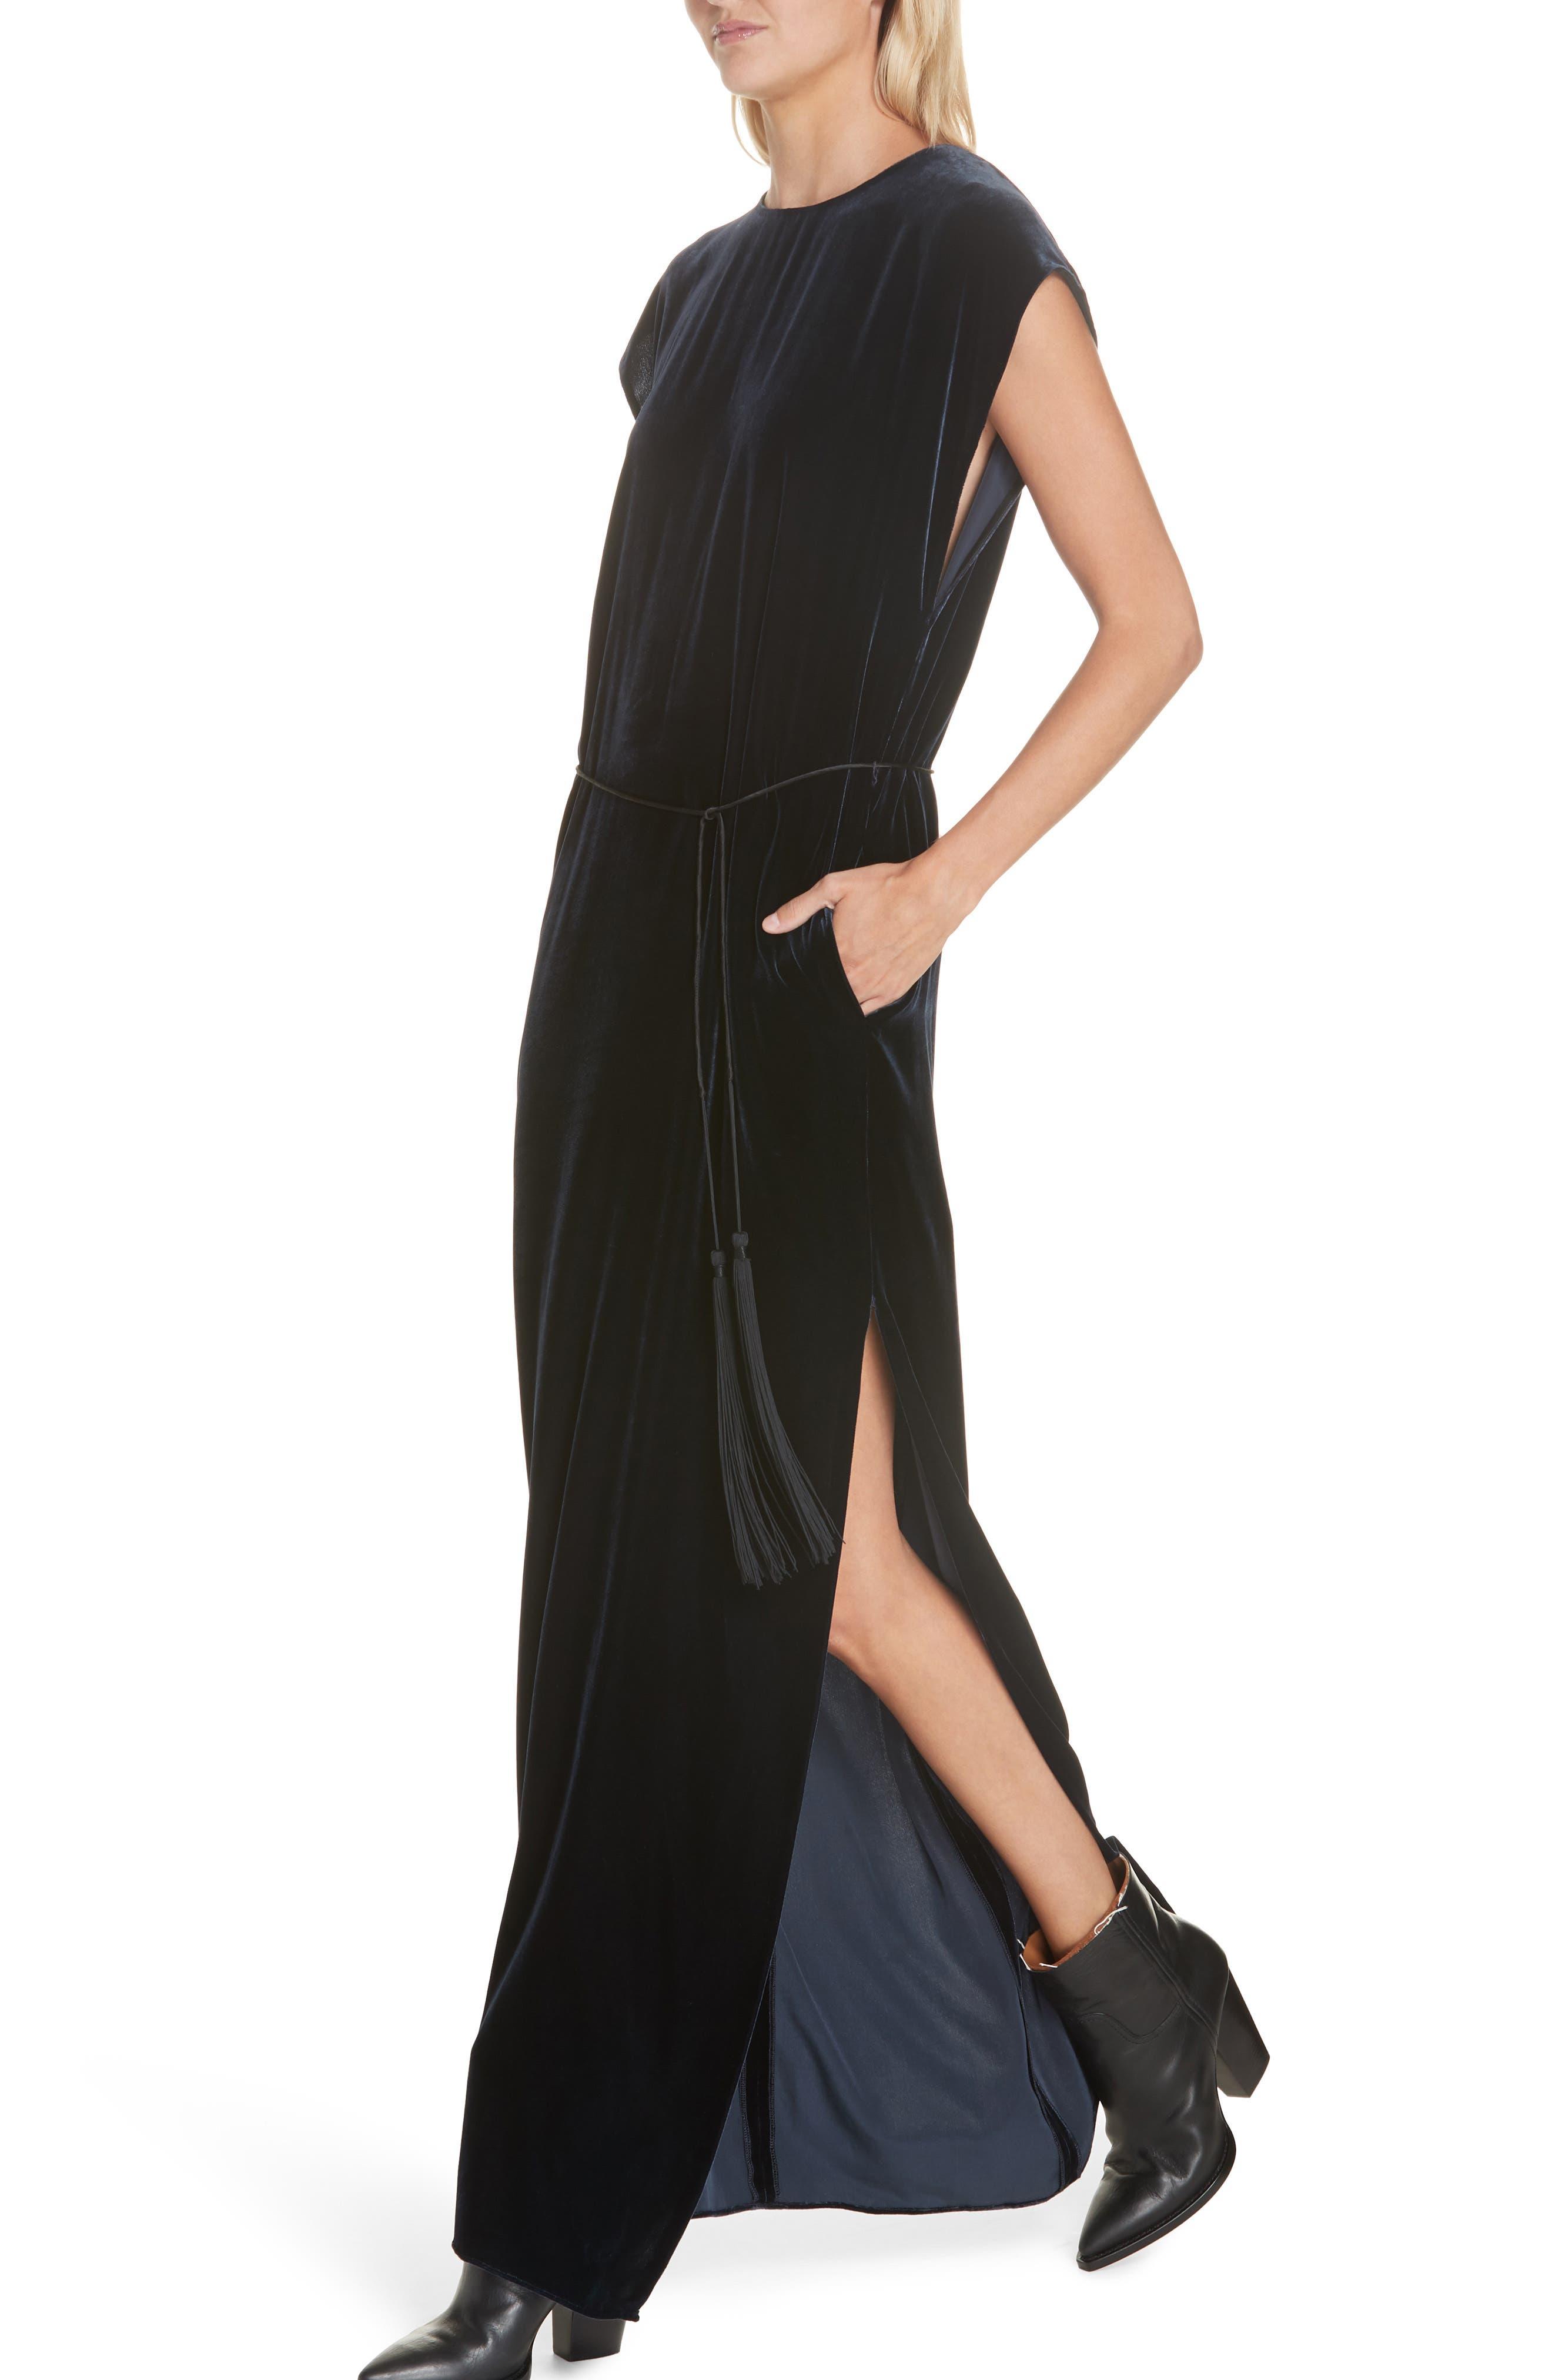 NILI LOTAN, Lillian Velvet Dress, Alternate thumbnail 4, color, DARK NAVY